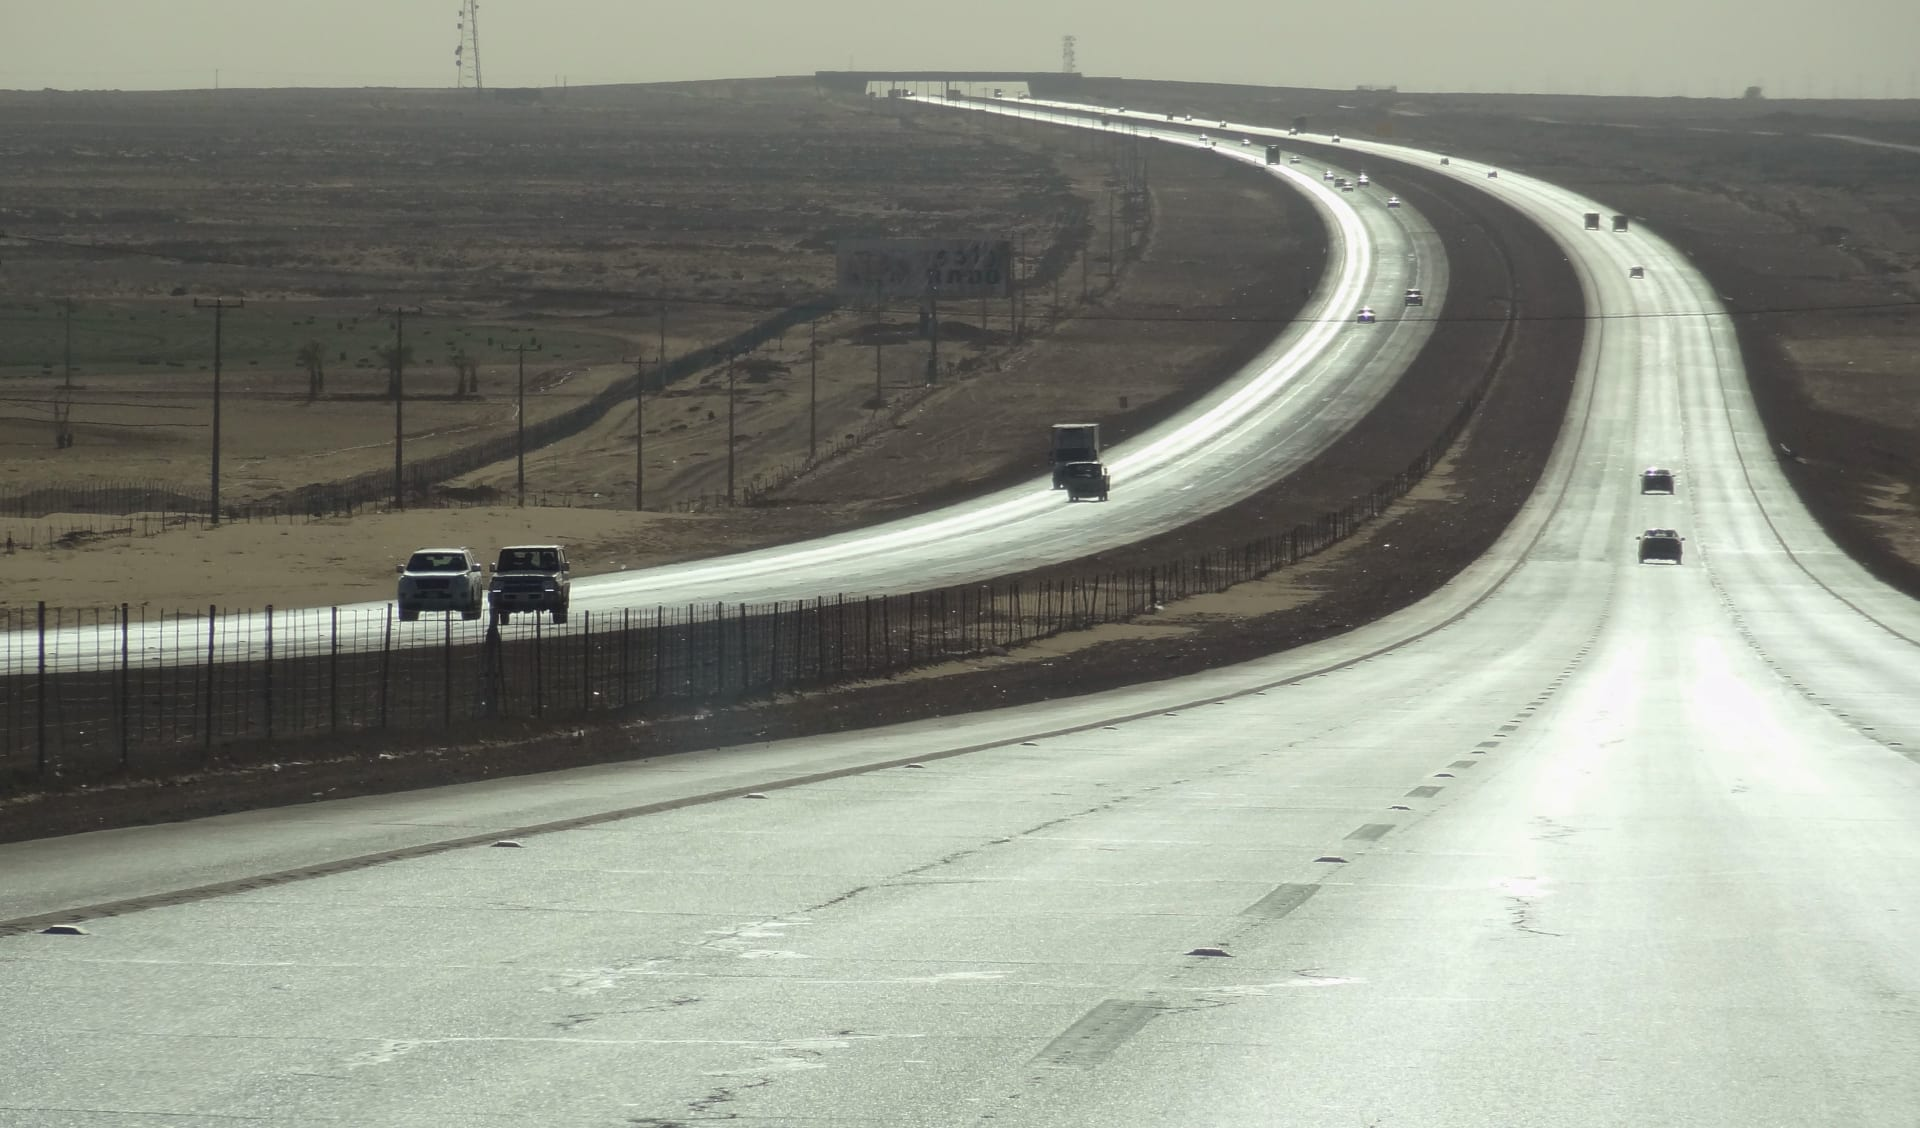 السعودية: تداول فيديو لشاحنة مسرعة عكس الاتجاه.. والشرطة تكشف حالة السائق